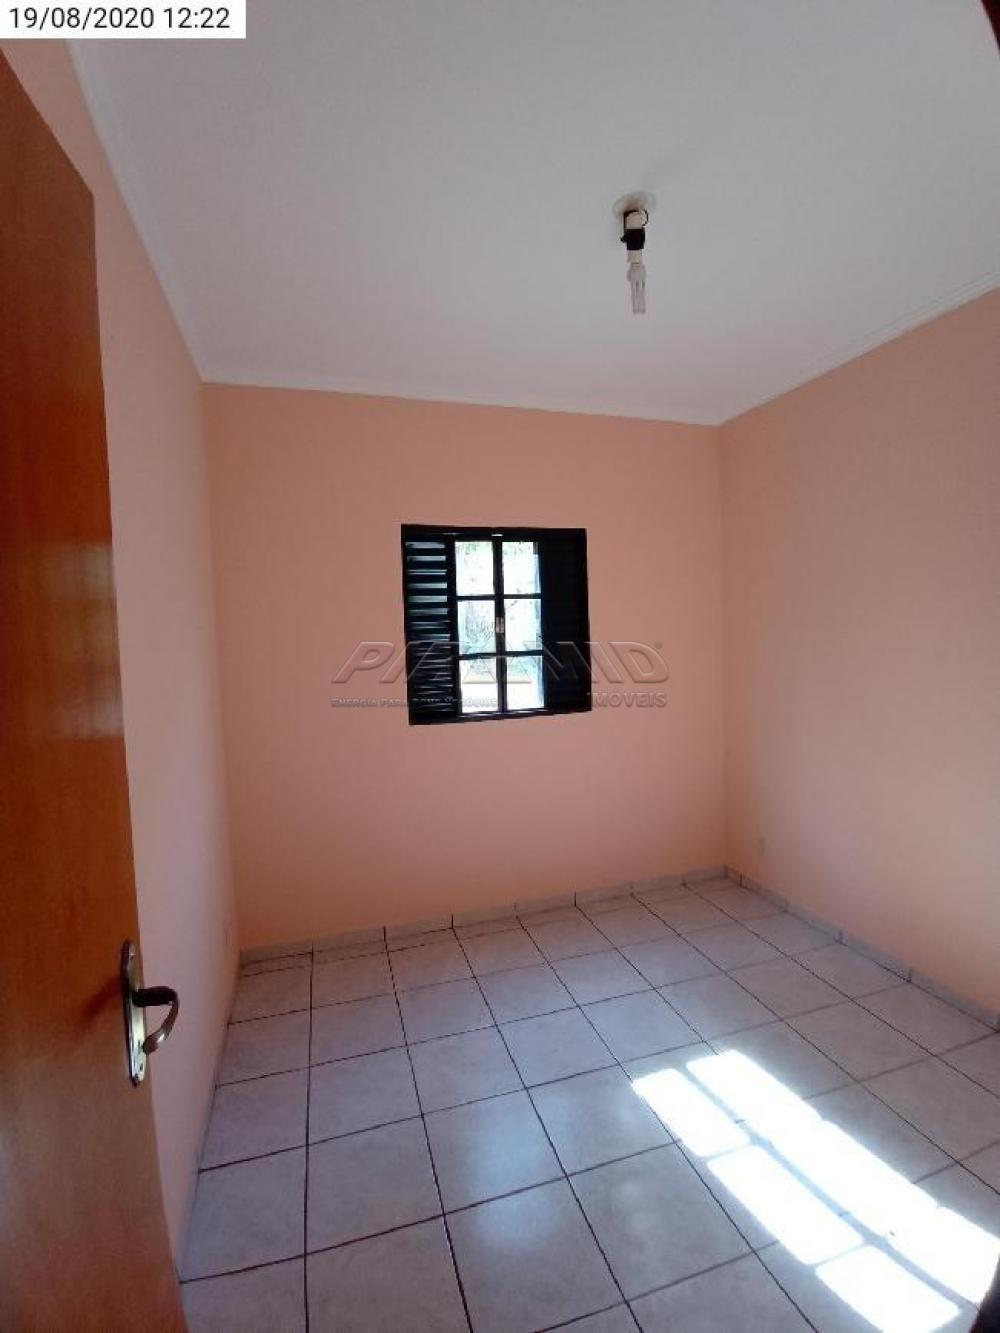 Alugar Apartamento / Padrão em Ribeirão Preto R$ 675,00 - Foto 10